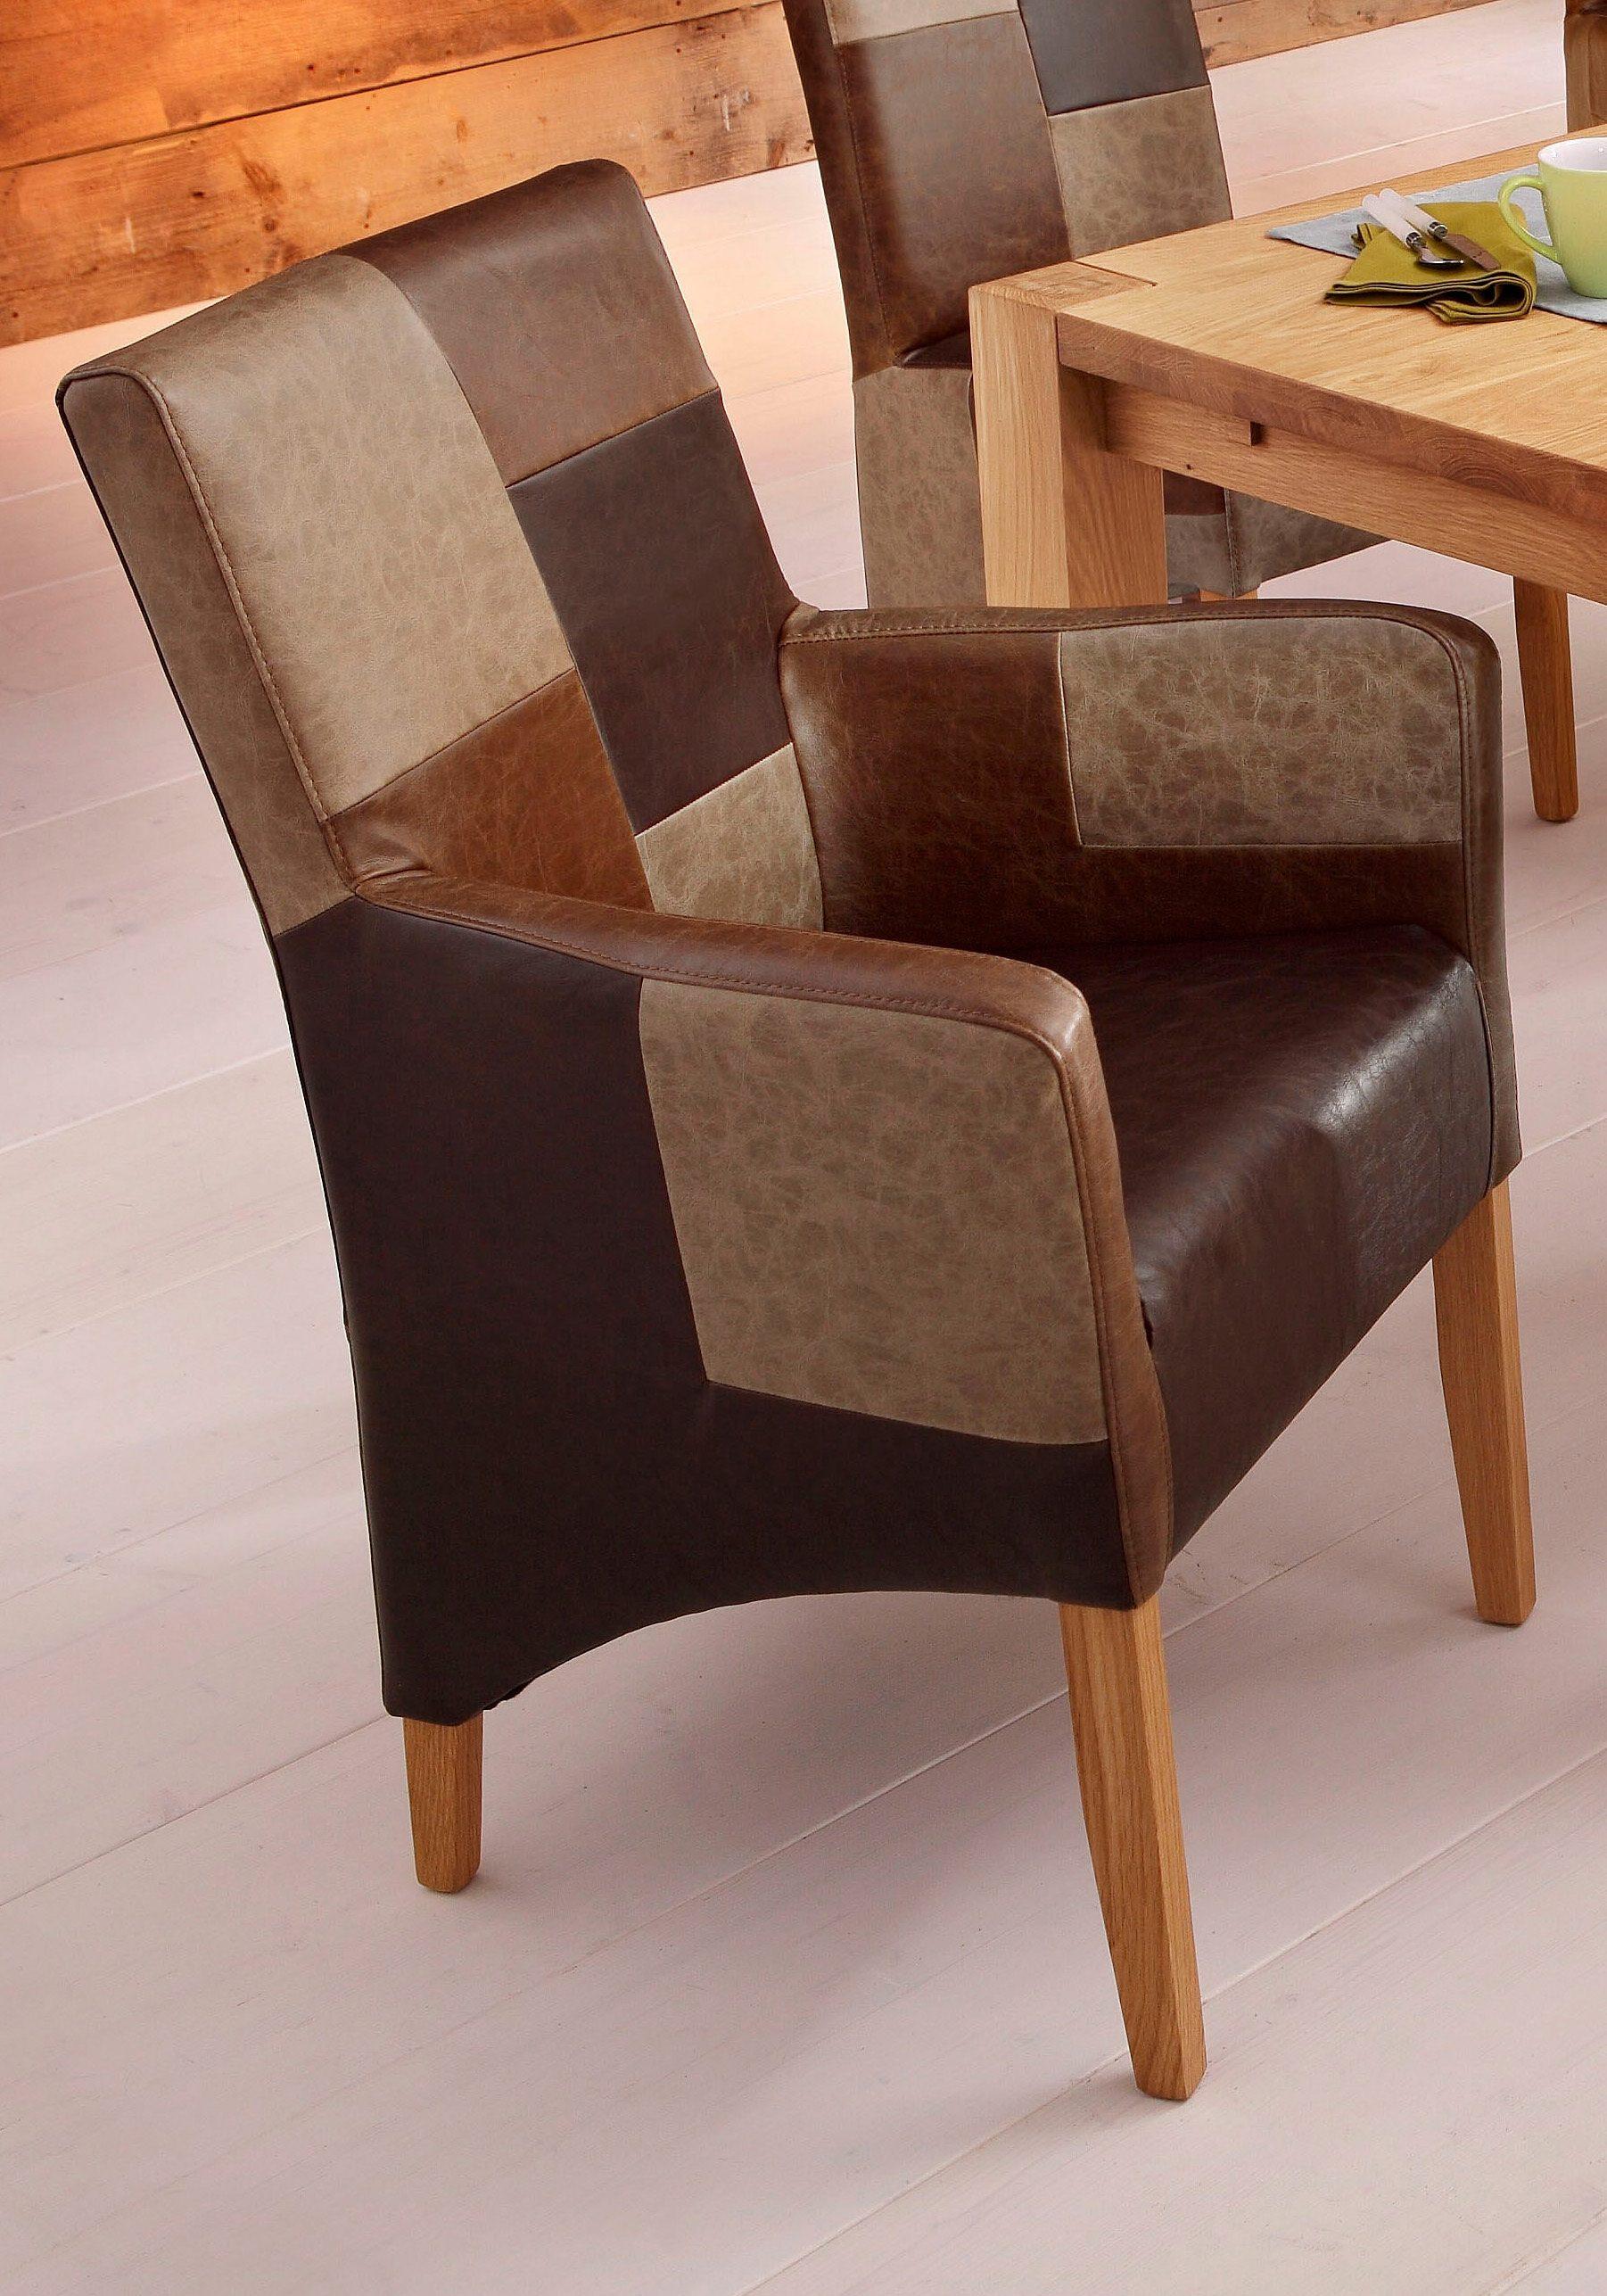 Home affaire Stuhl, Gestell aus Massiv Holz online kaufen | OTTO